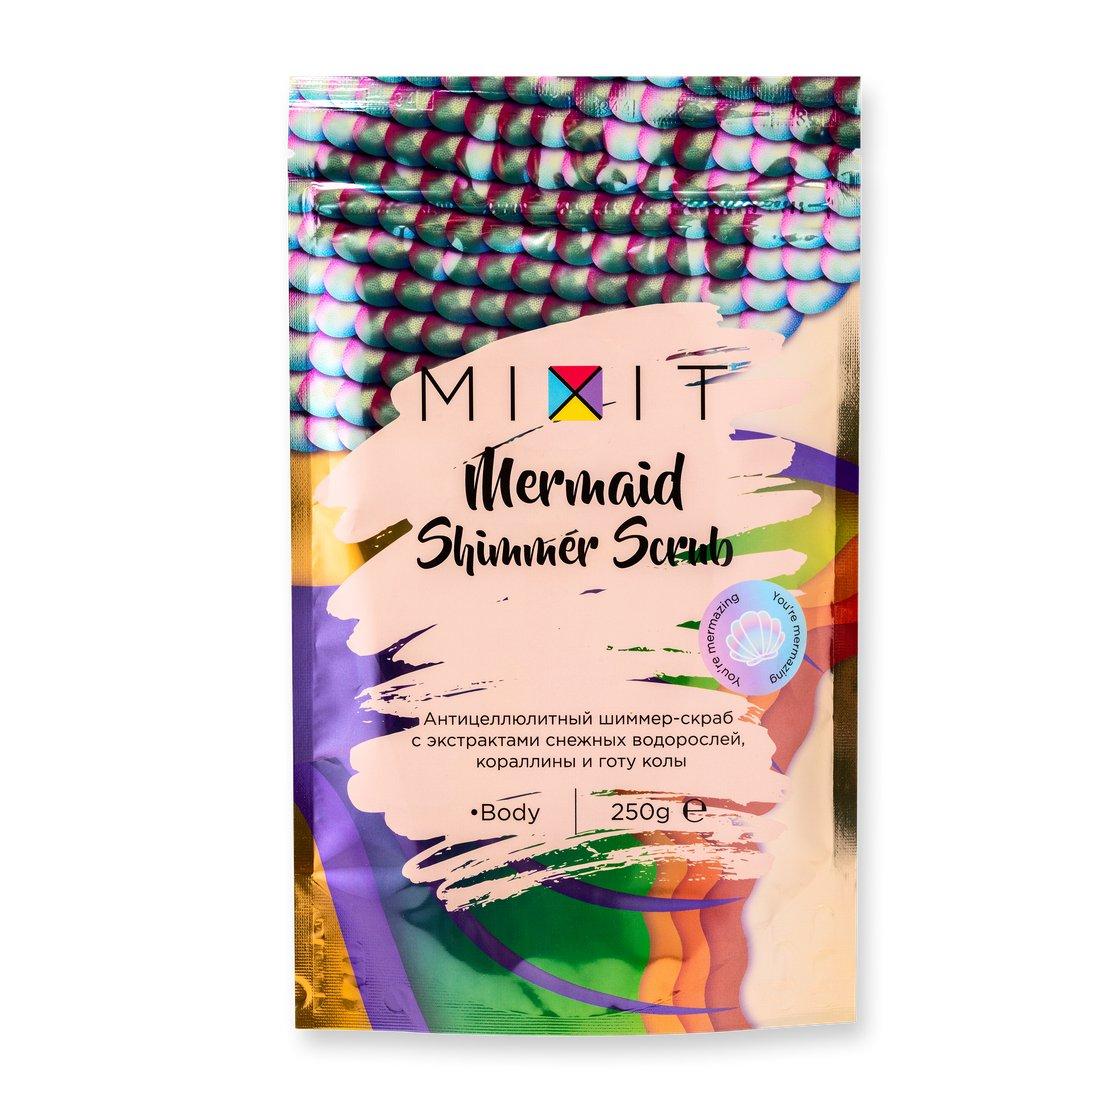 Антицеллюлитный шиммер-скраб Mixit